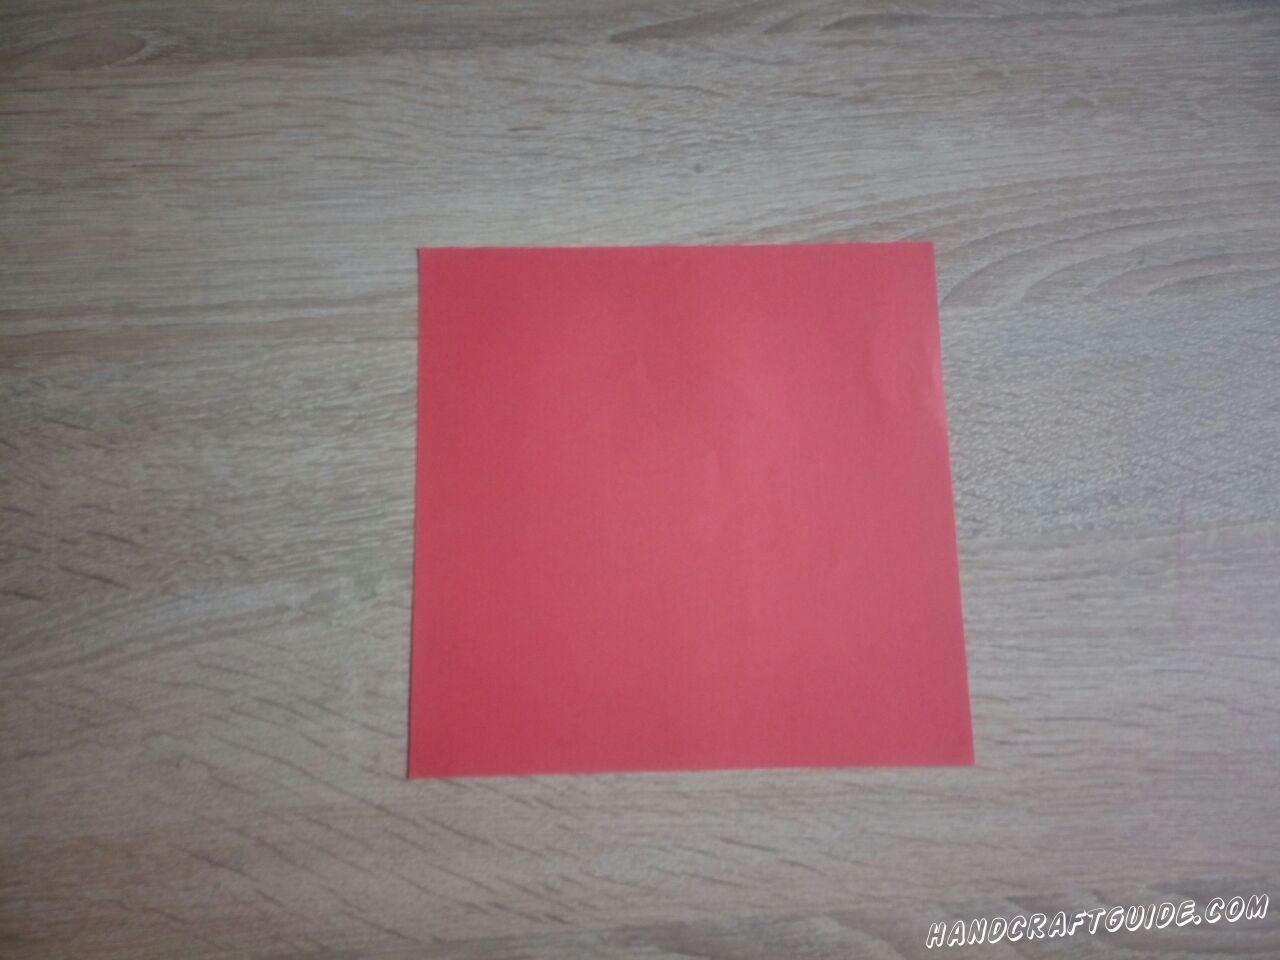 Вырезаем ровный квадрат цвета, которым будет ваш кубик